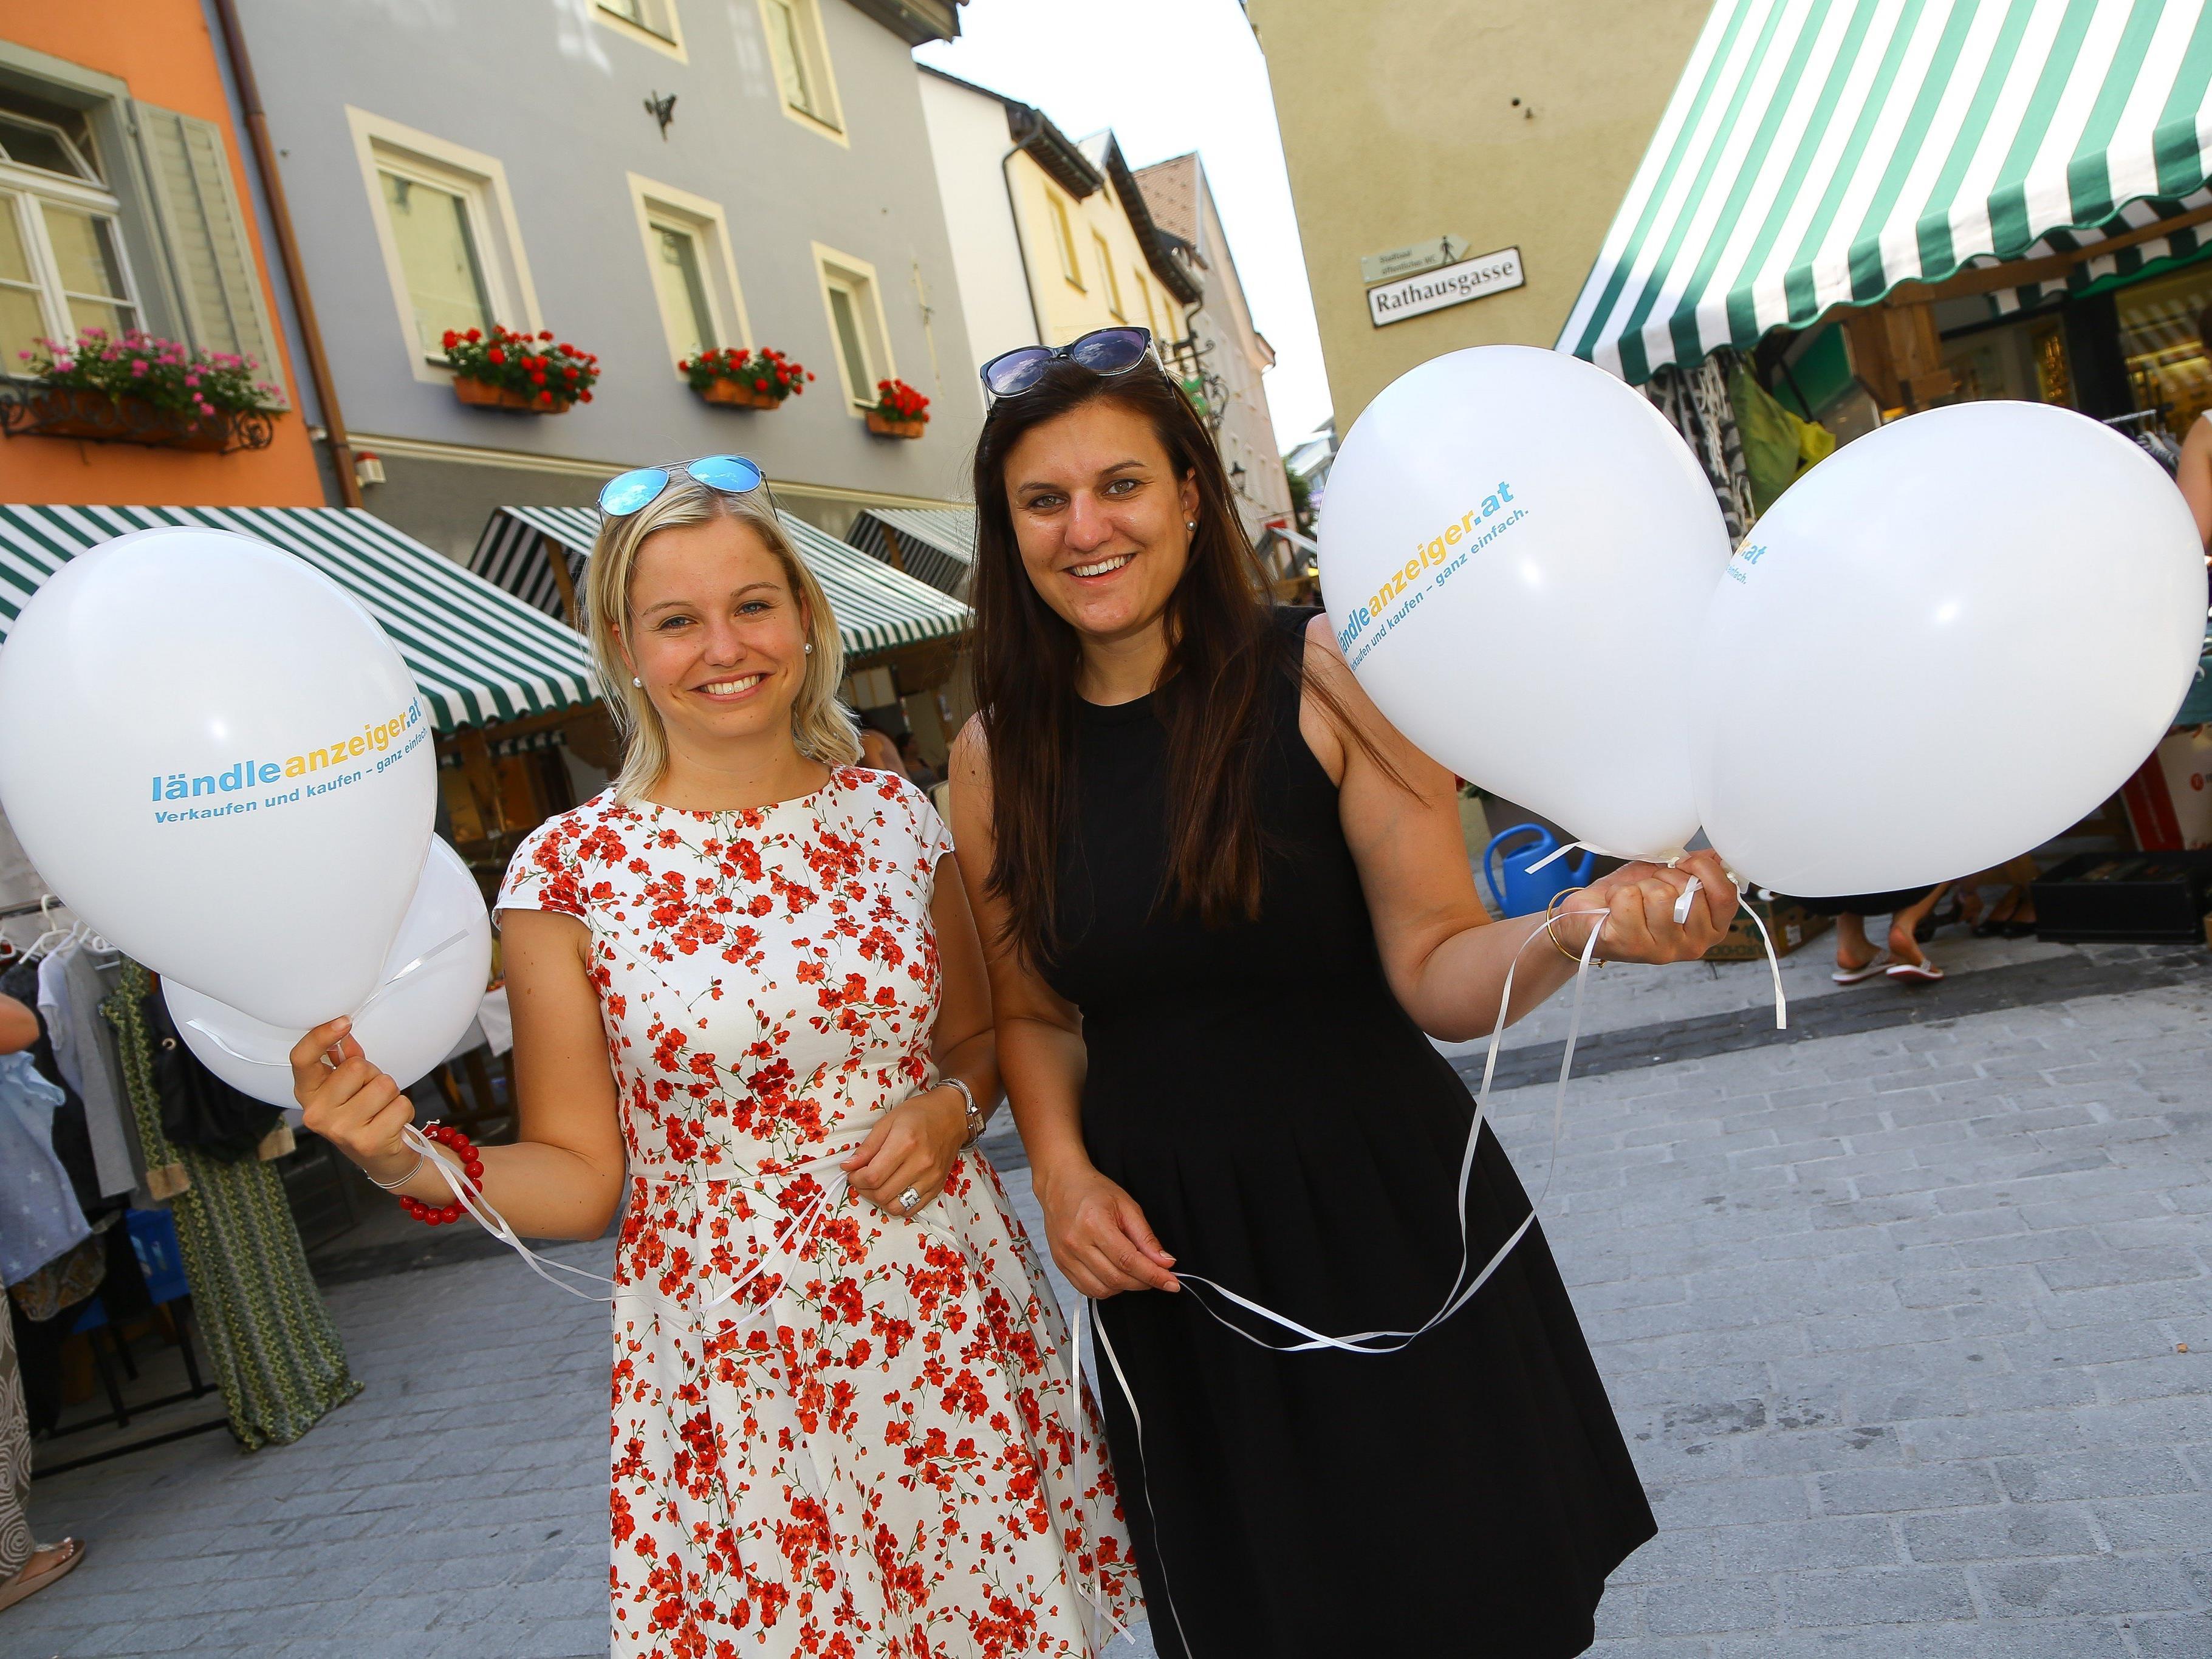 Die Organisatoren Katharina Stücker und Claudia Nessler freuten sich über den regen Zuspruch